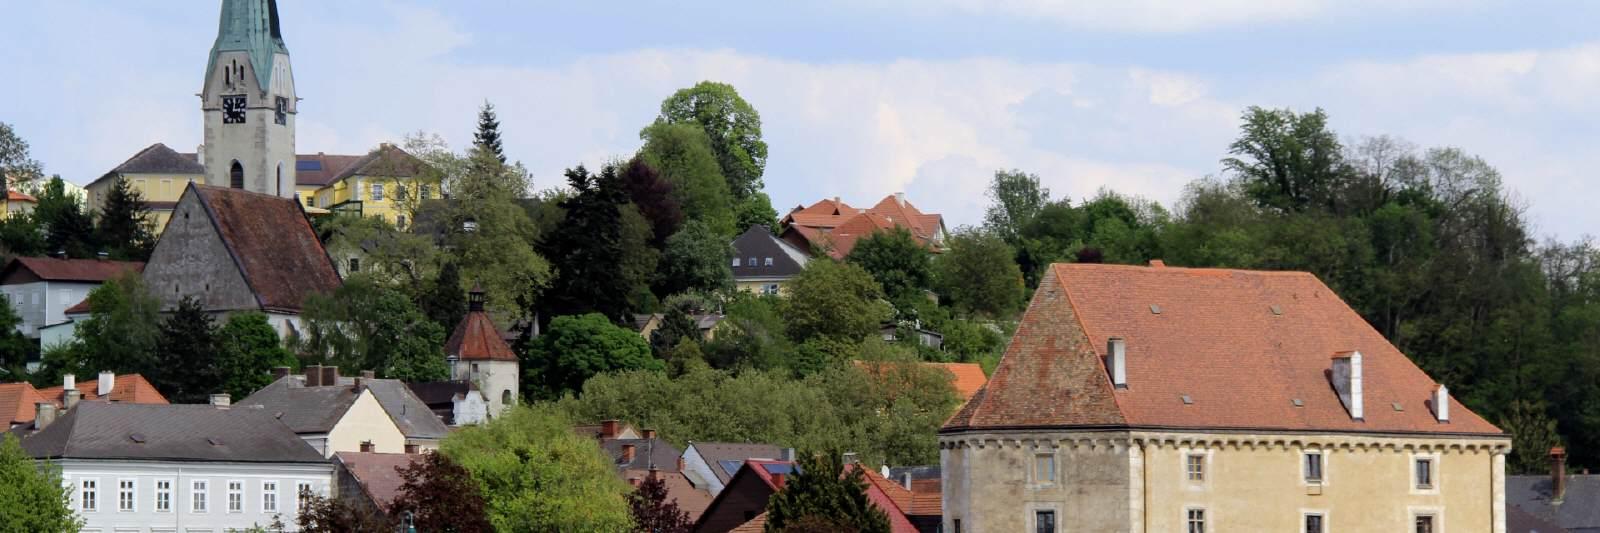 mauthausen_tourismus - Tourismusverband Mauthausen, 4310